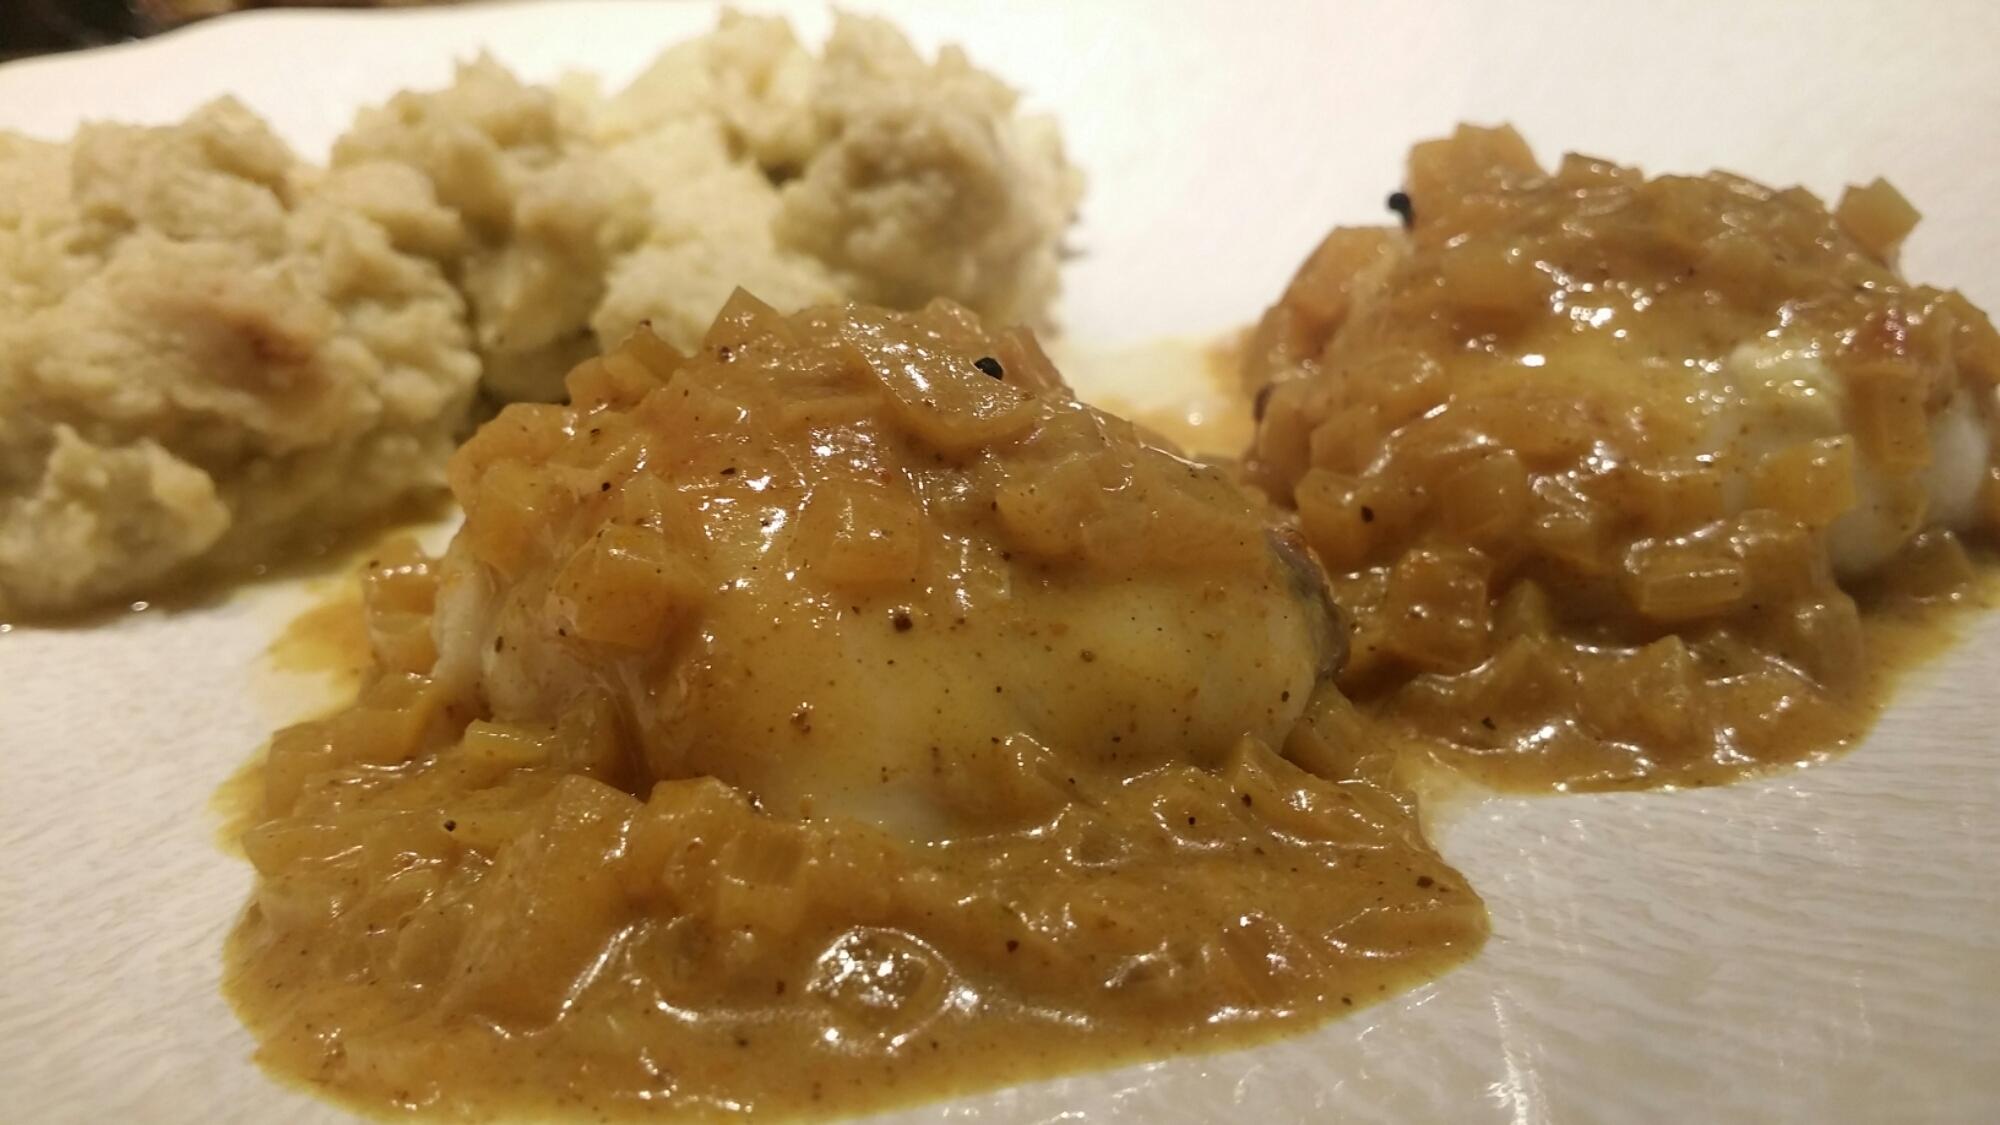 Joues de lotte sauce aux échalotes et au curry. Purée de chou-fleur.